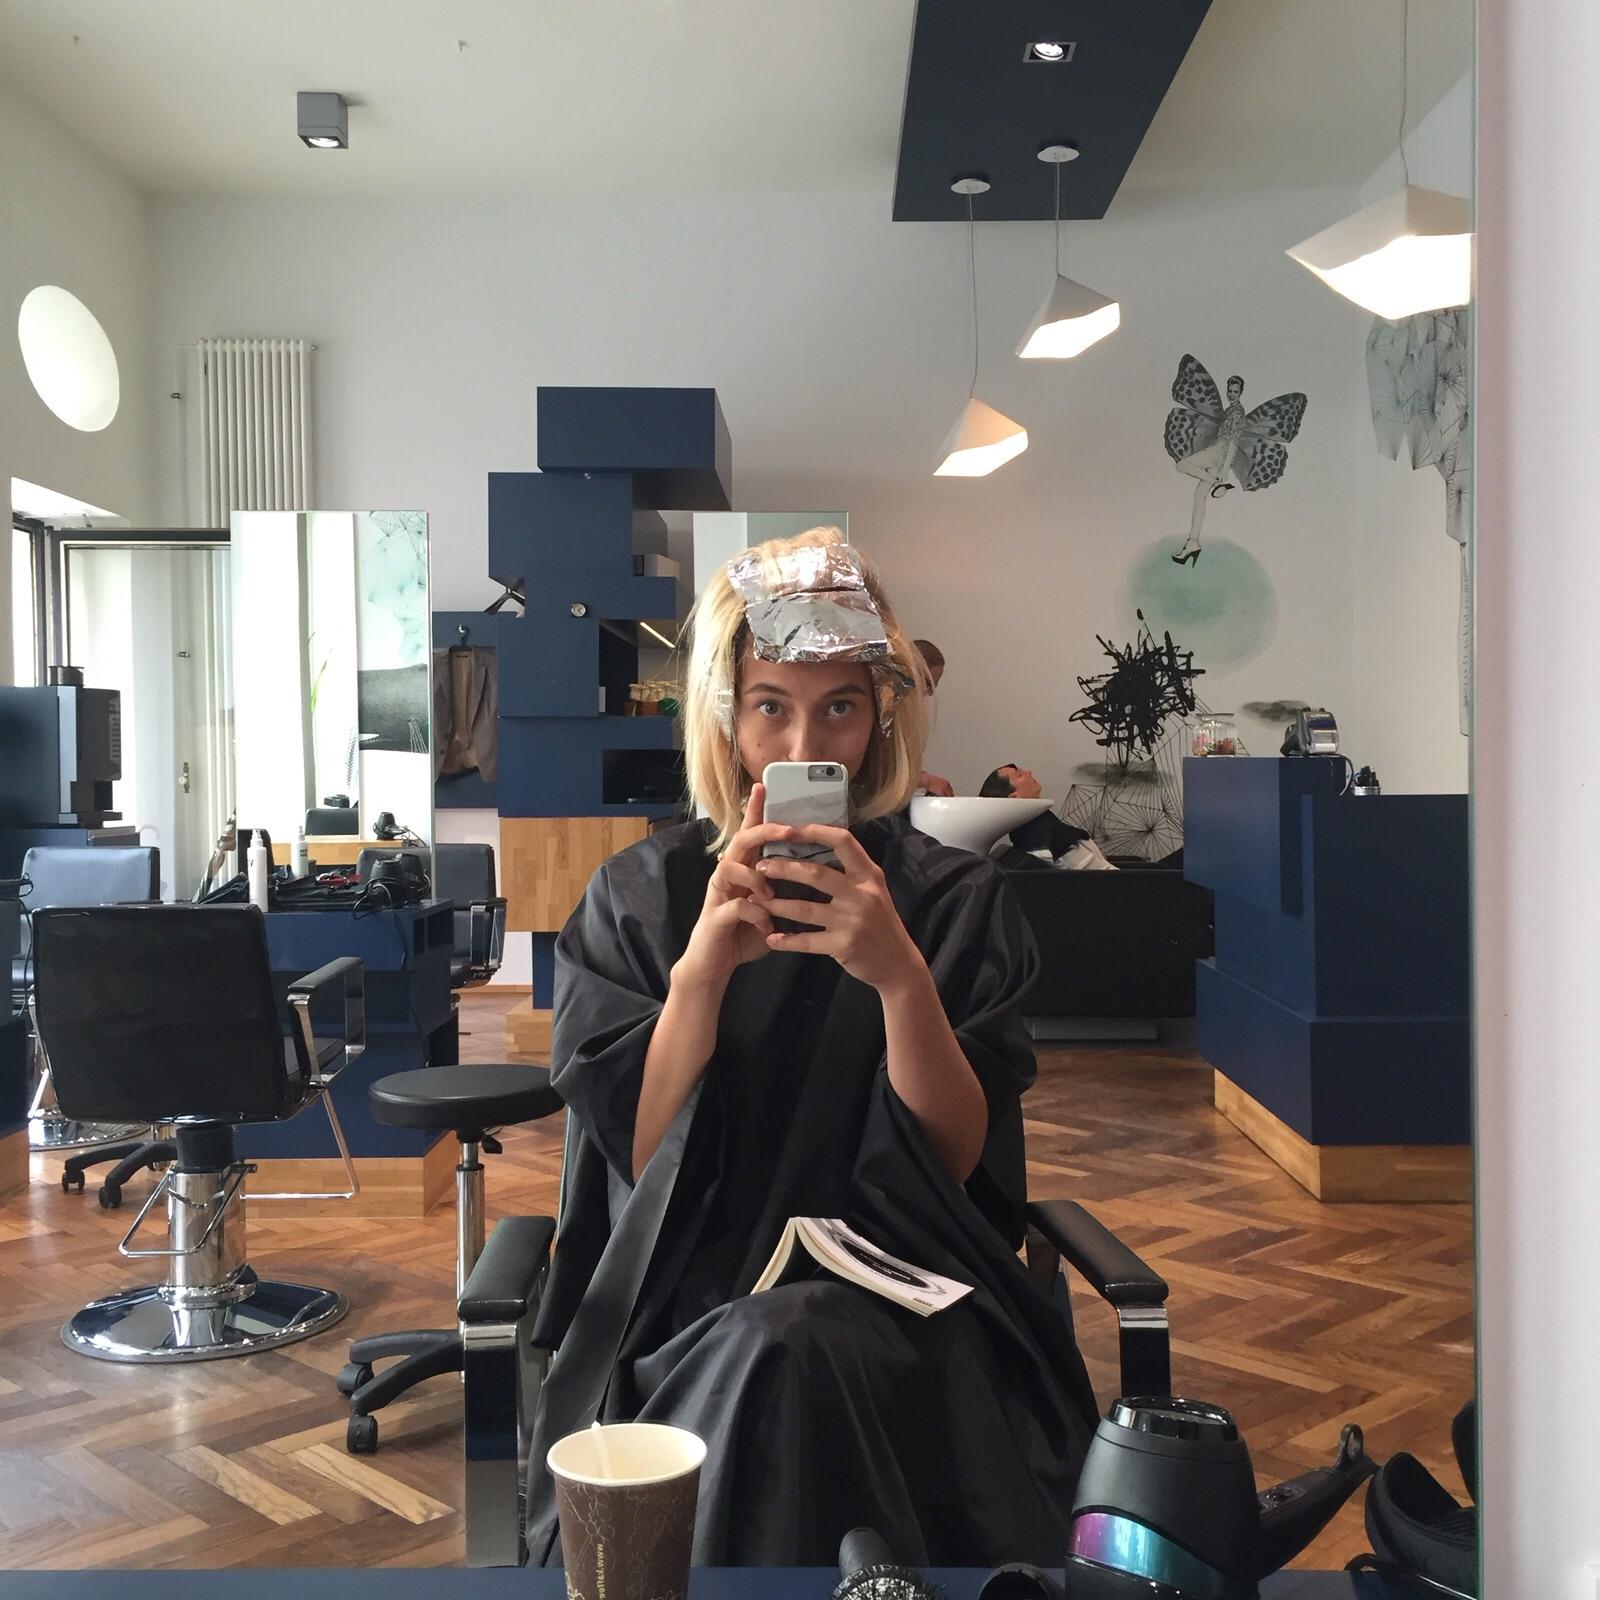 München Neue Haare Und The New Hair Get Together Amazed